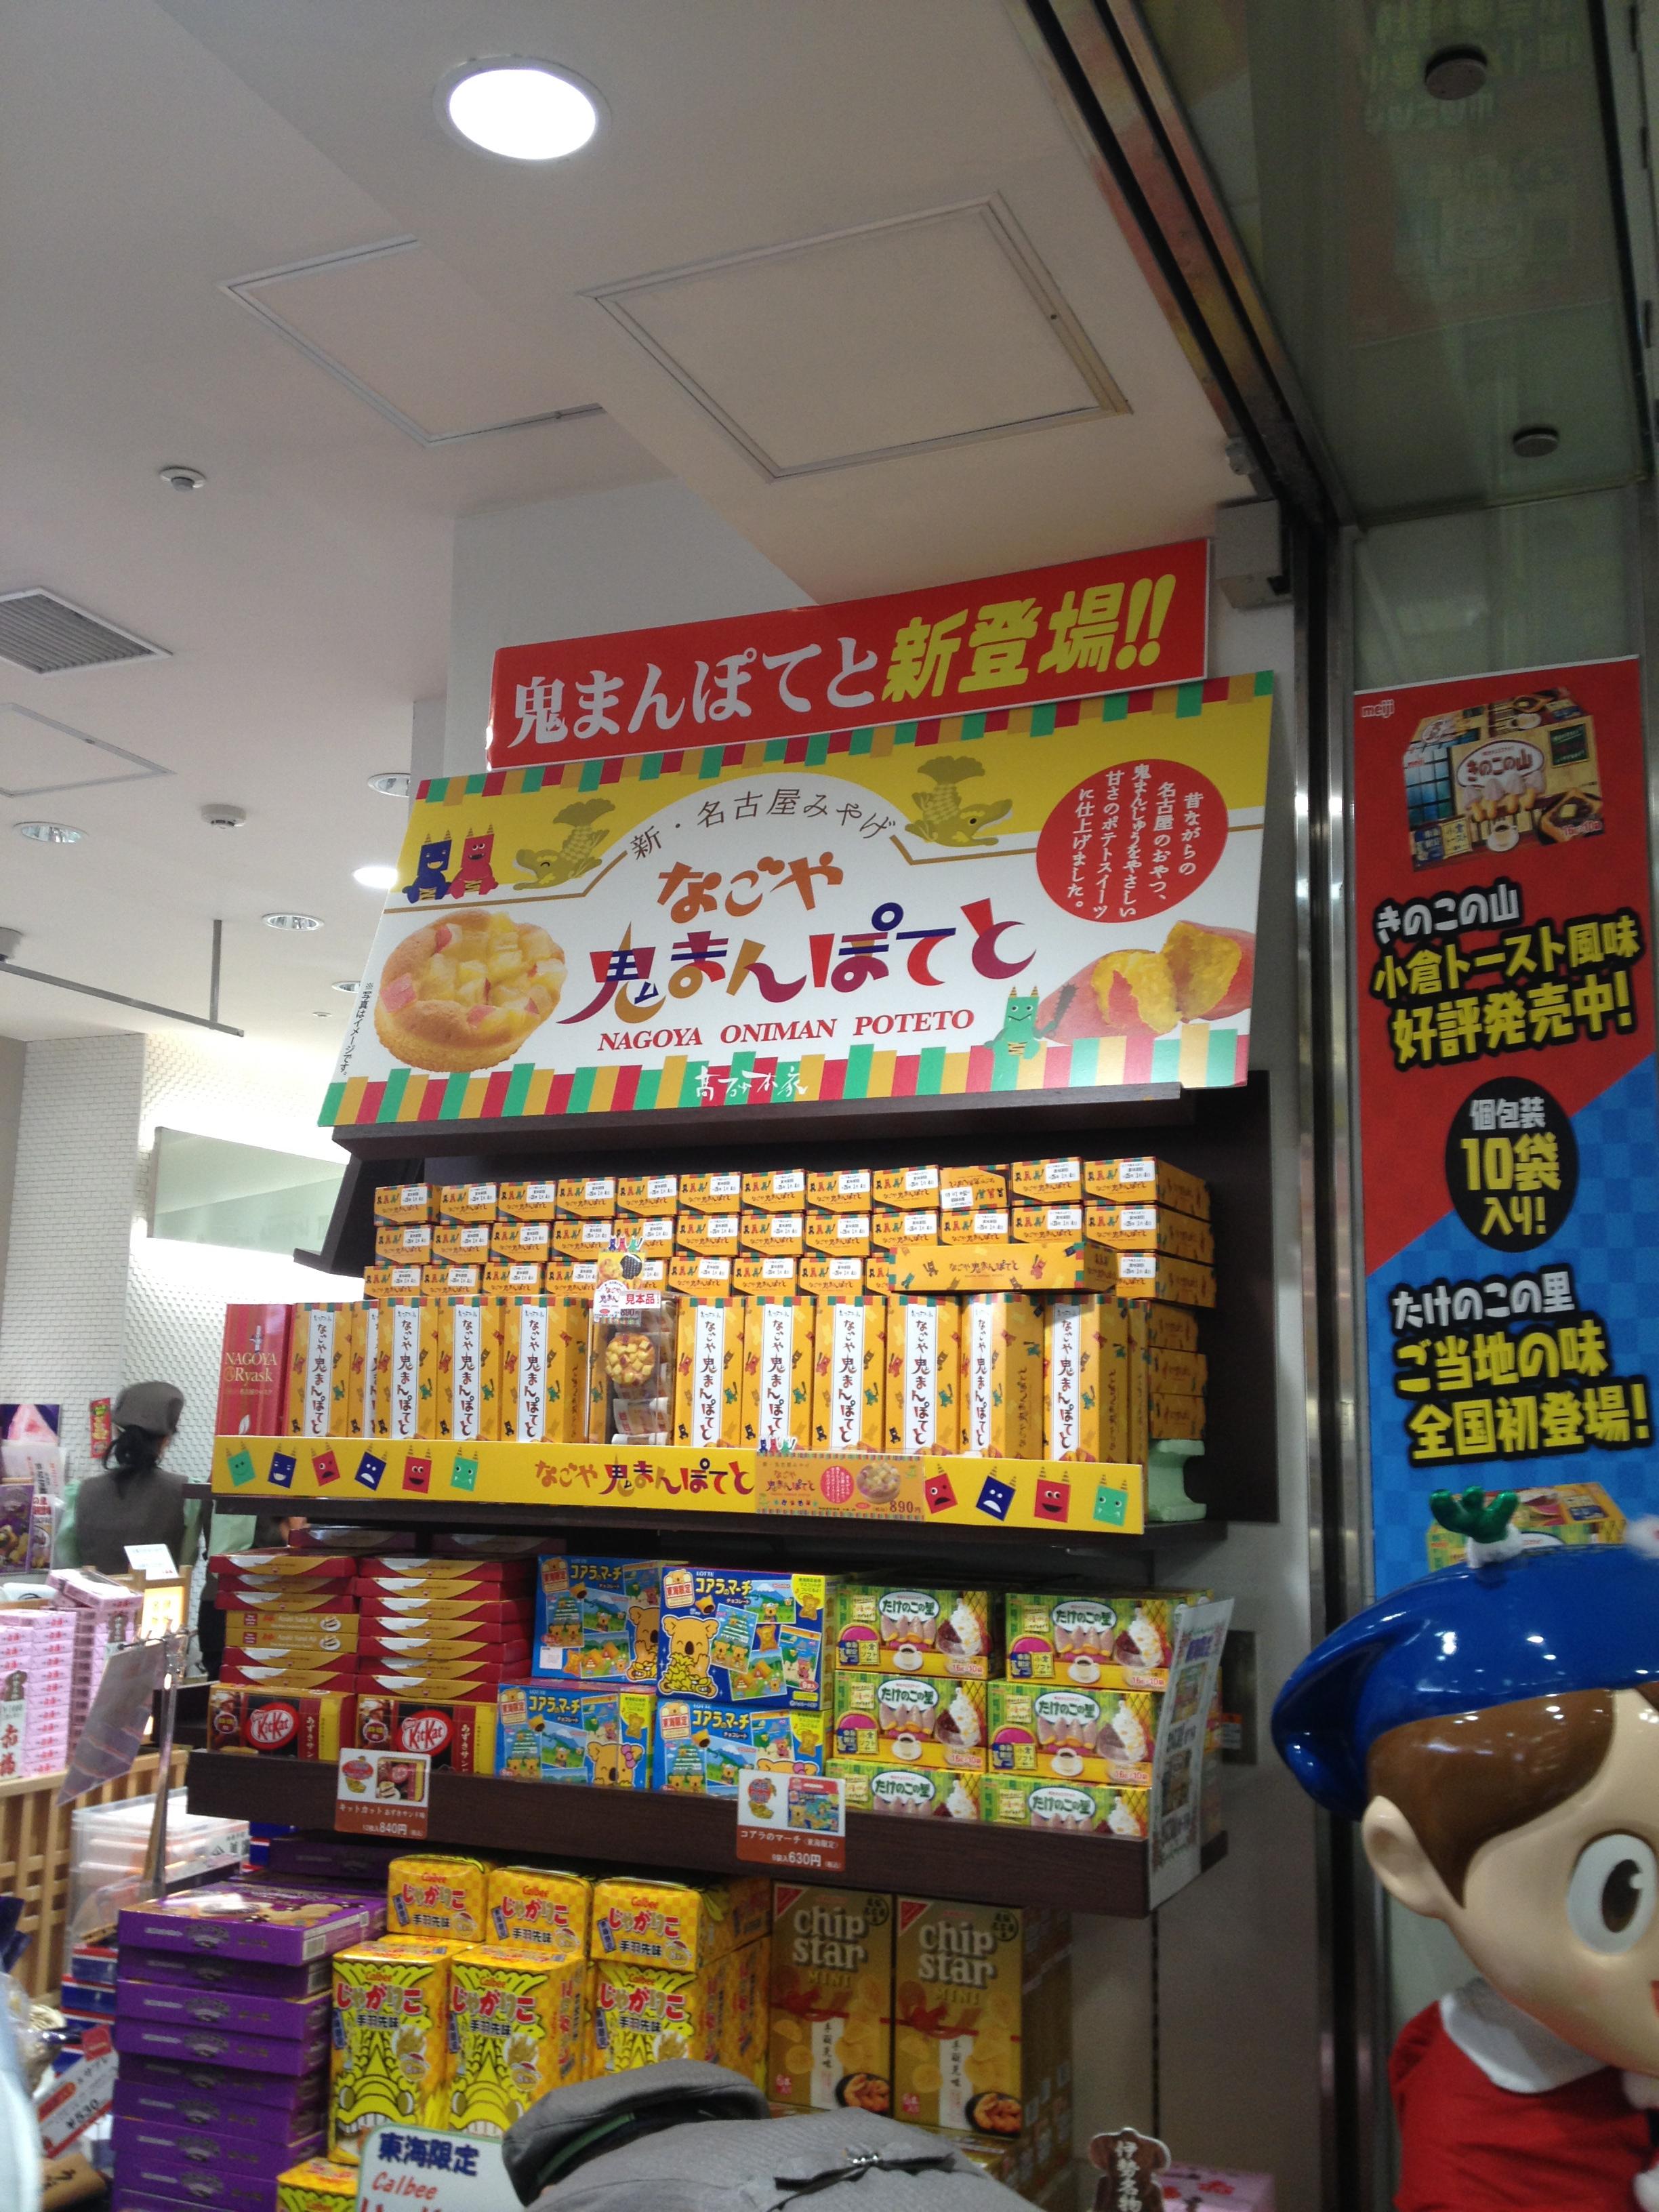 鬼まんぽてと 名古屋駅KIOSKボード